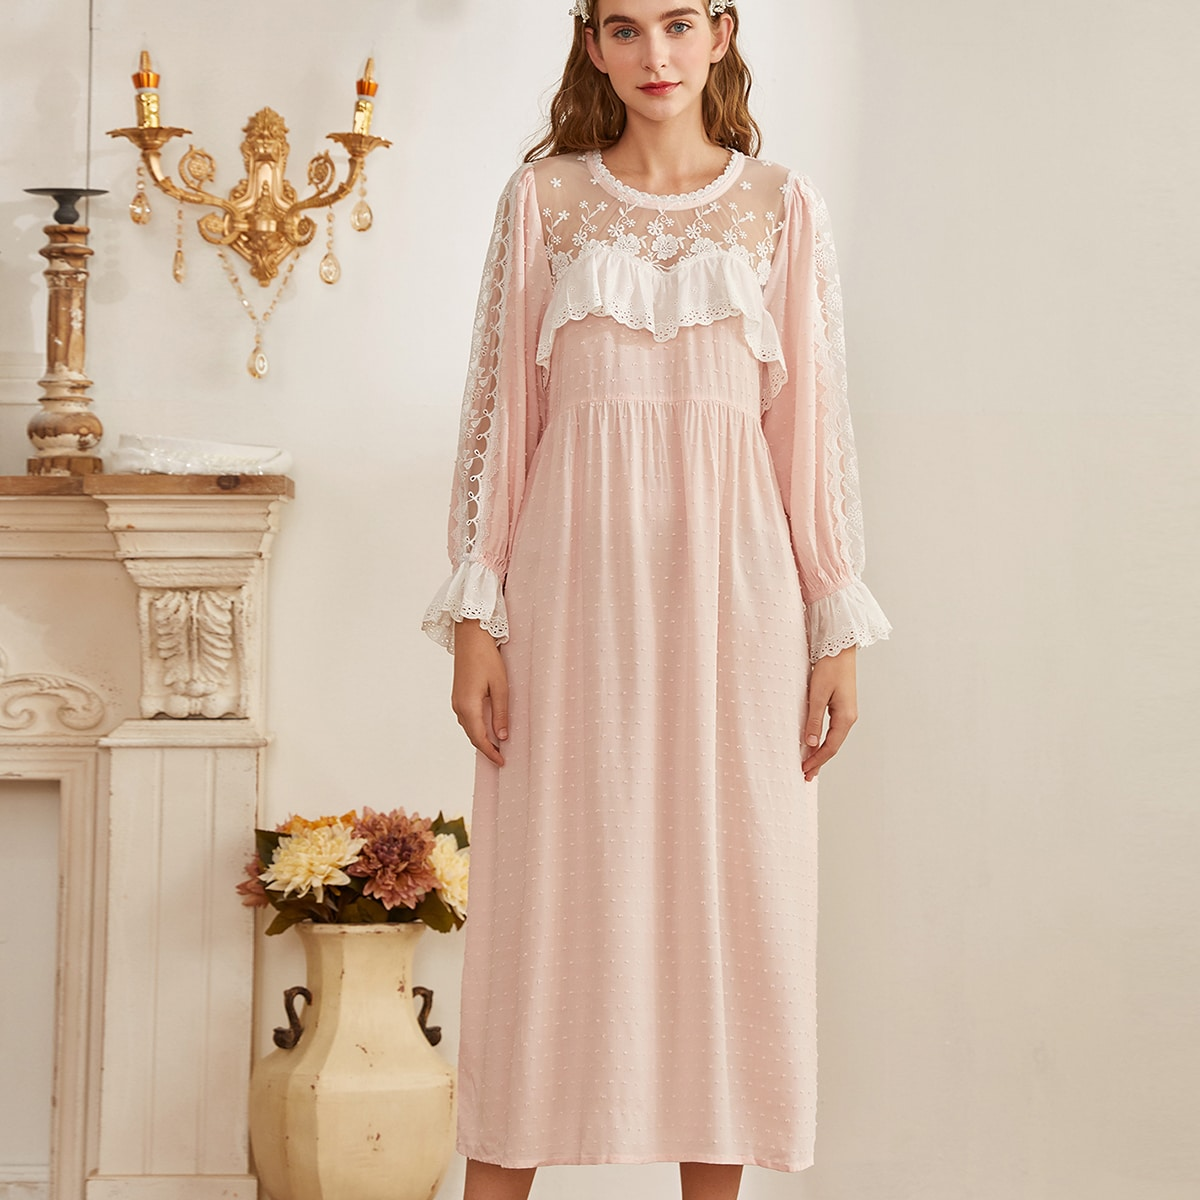 с оборками Контрастный цвет Королевский Ночная рубашка